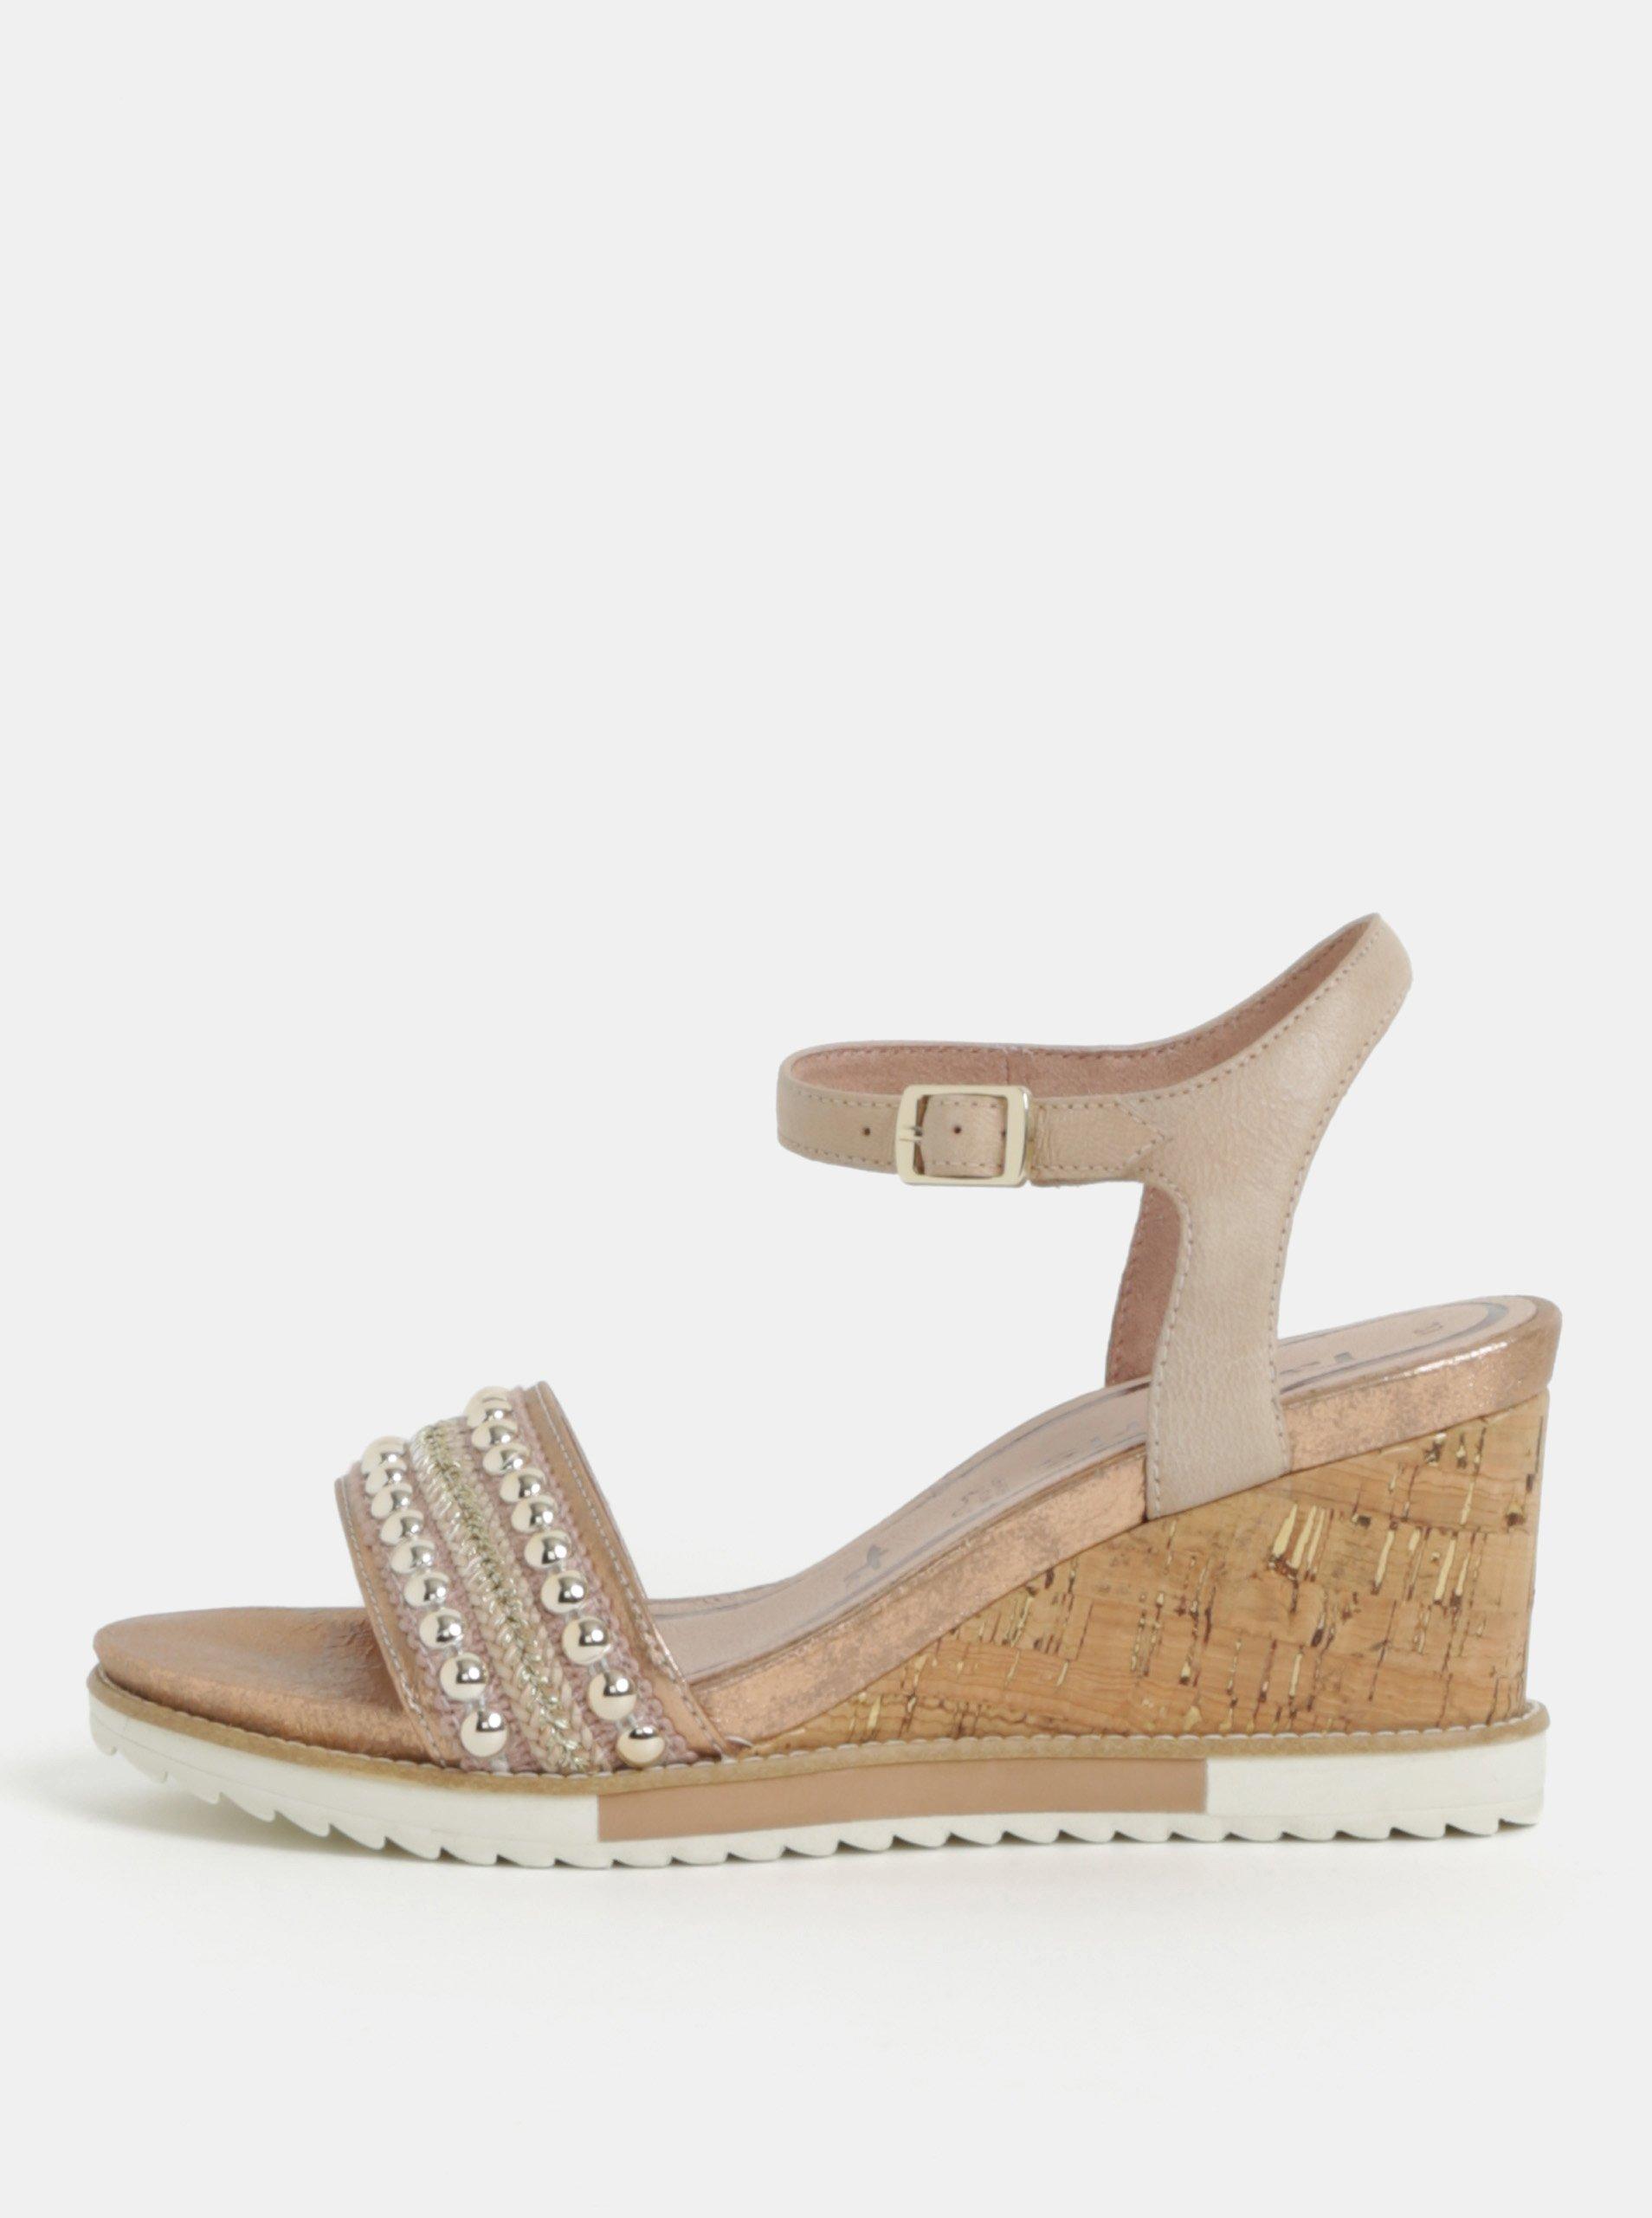 Starorůžové kožené sandálky s detaily ve stříbrné barvě Tamaris 6c5cbe929ef